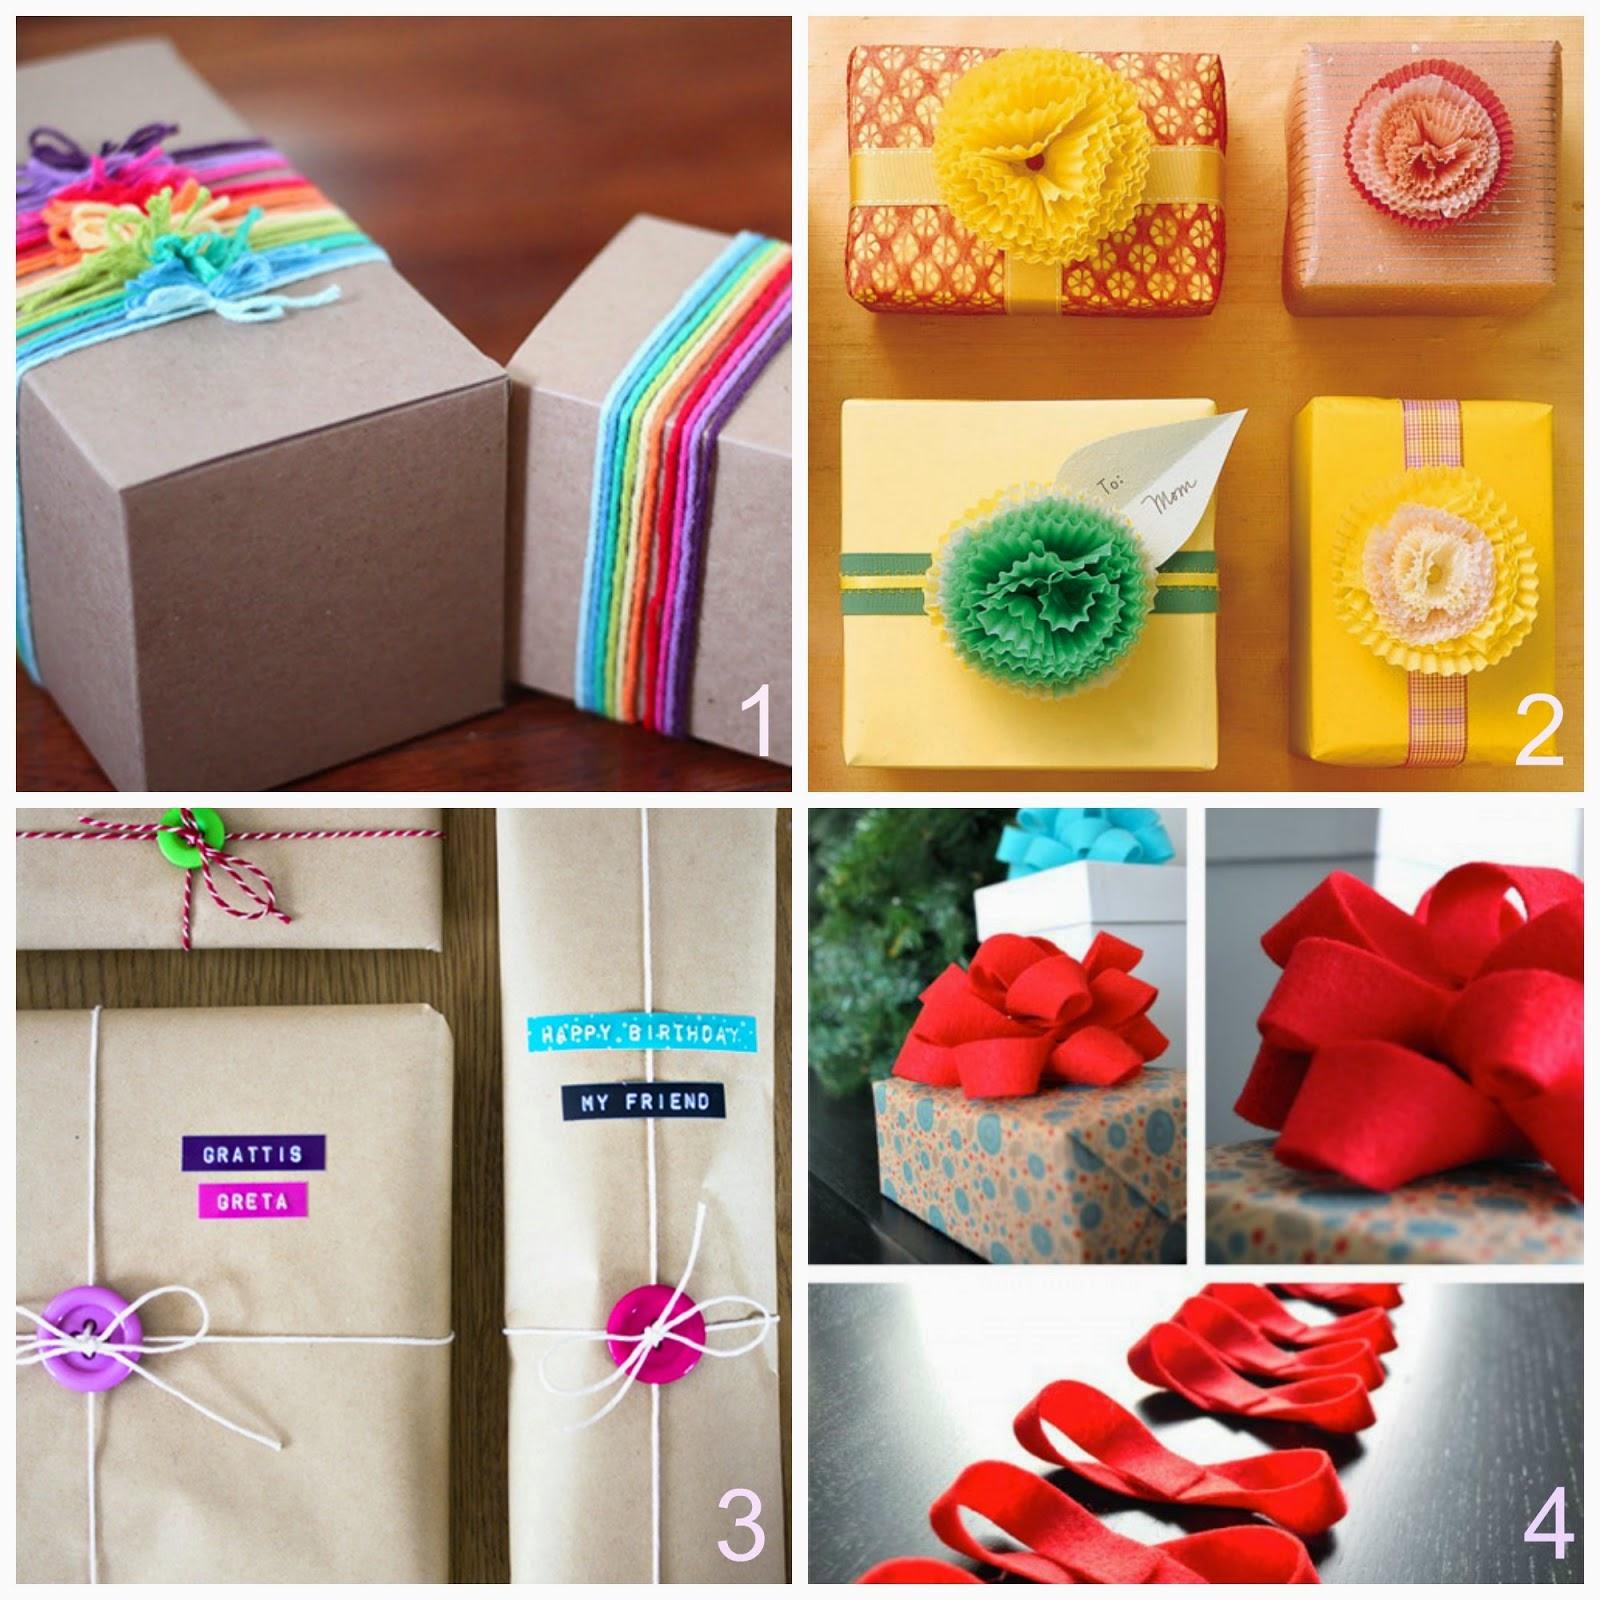 Conosciuto Impacchettare i regali - 9 idee fai da te | donneinpink magazine SS89